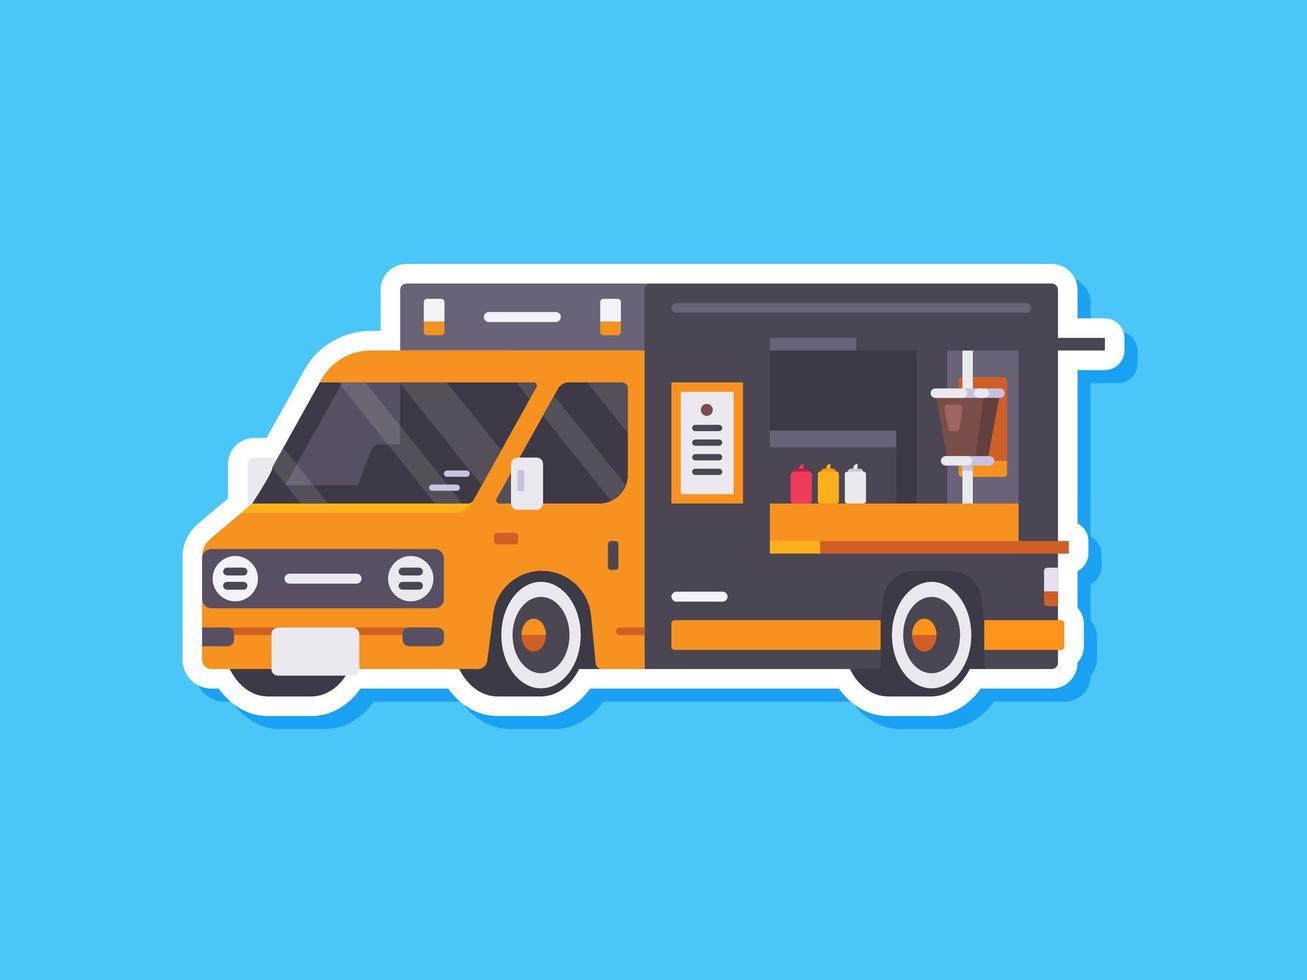 etiqueta engomada del camión de comida en estilo plano. ilustración de camión de comida de vector